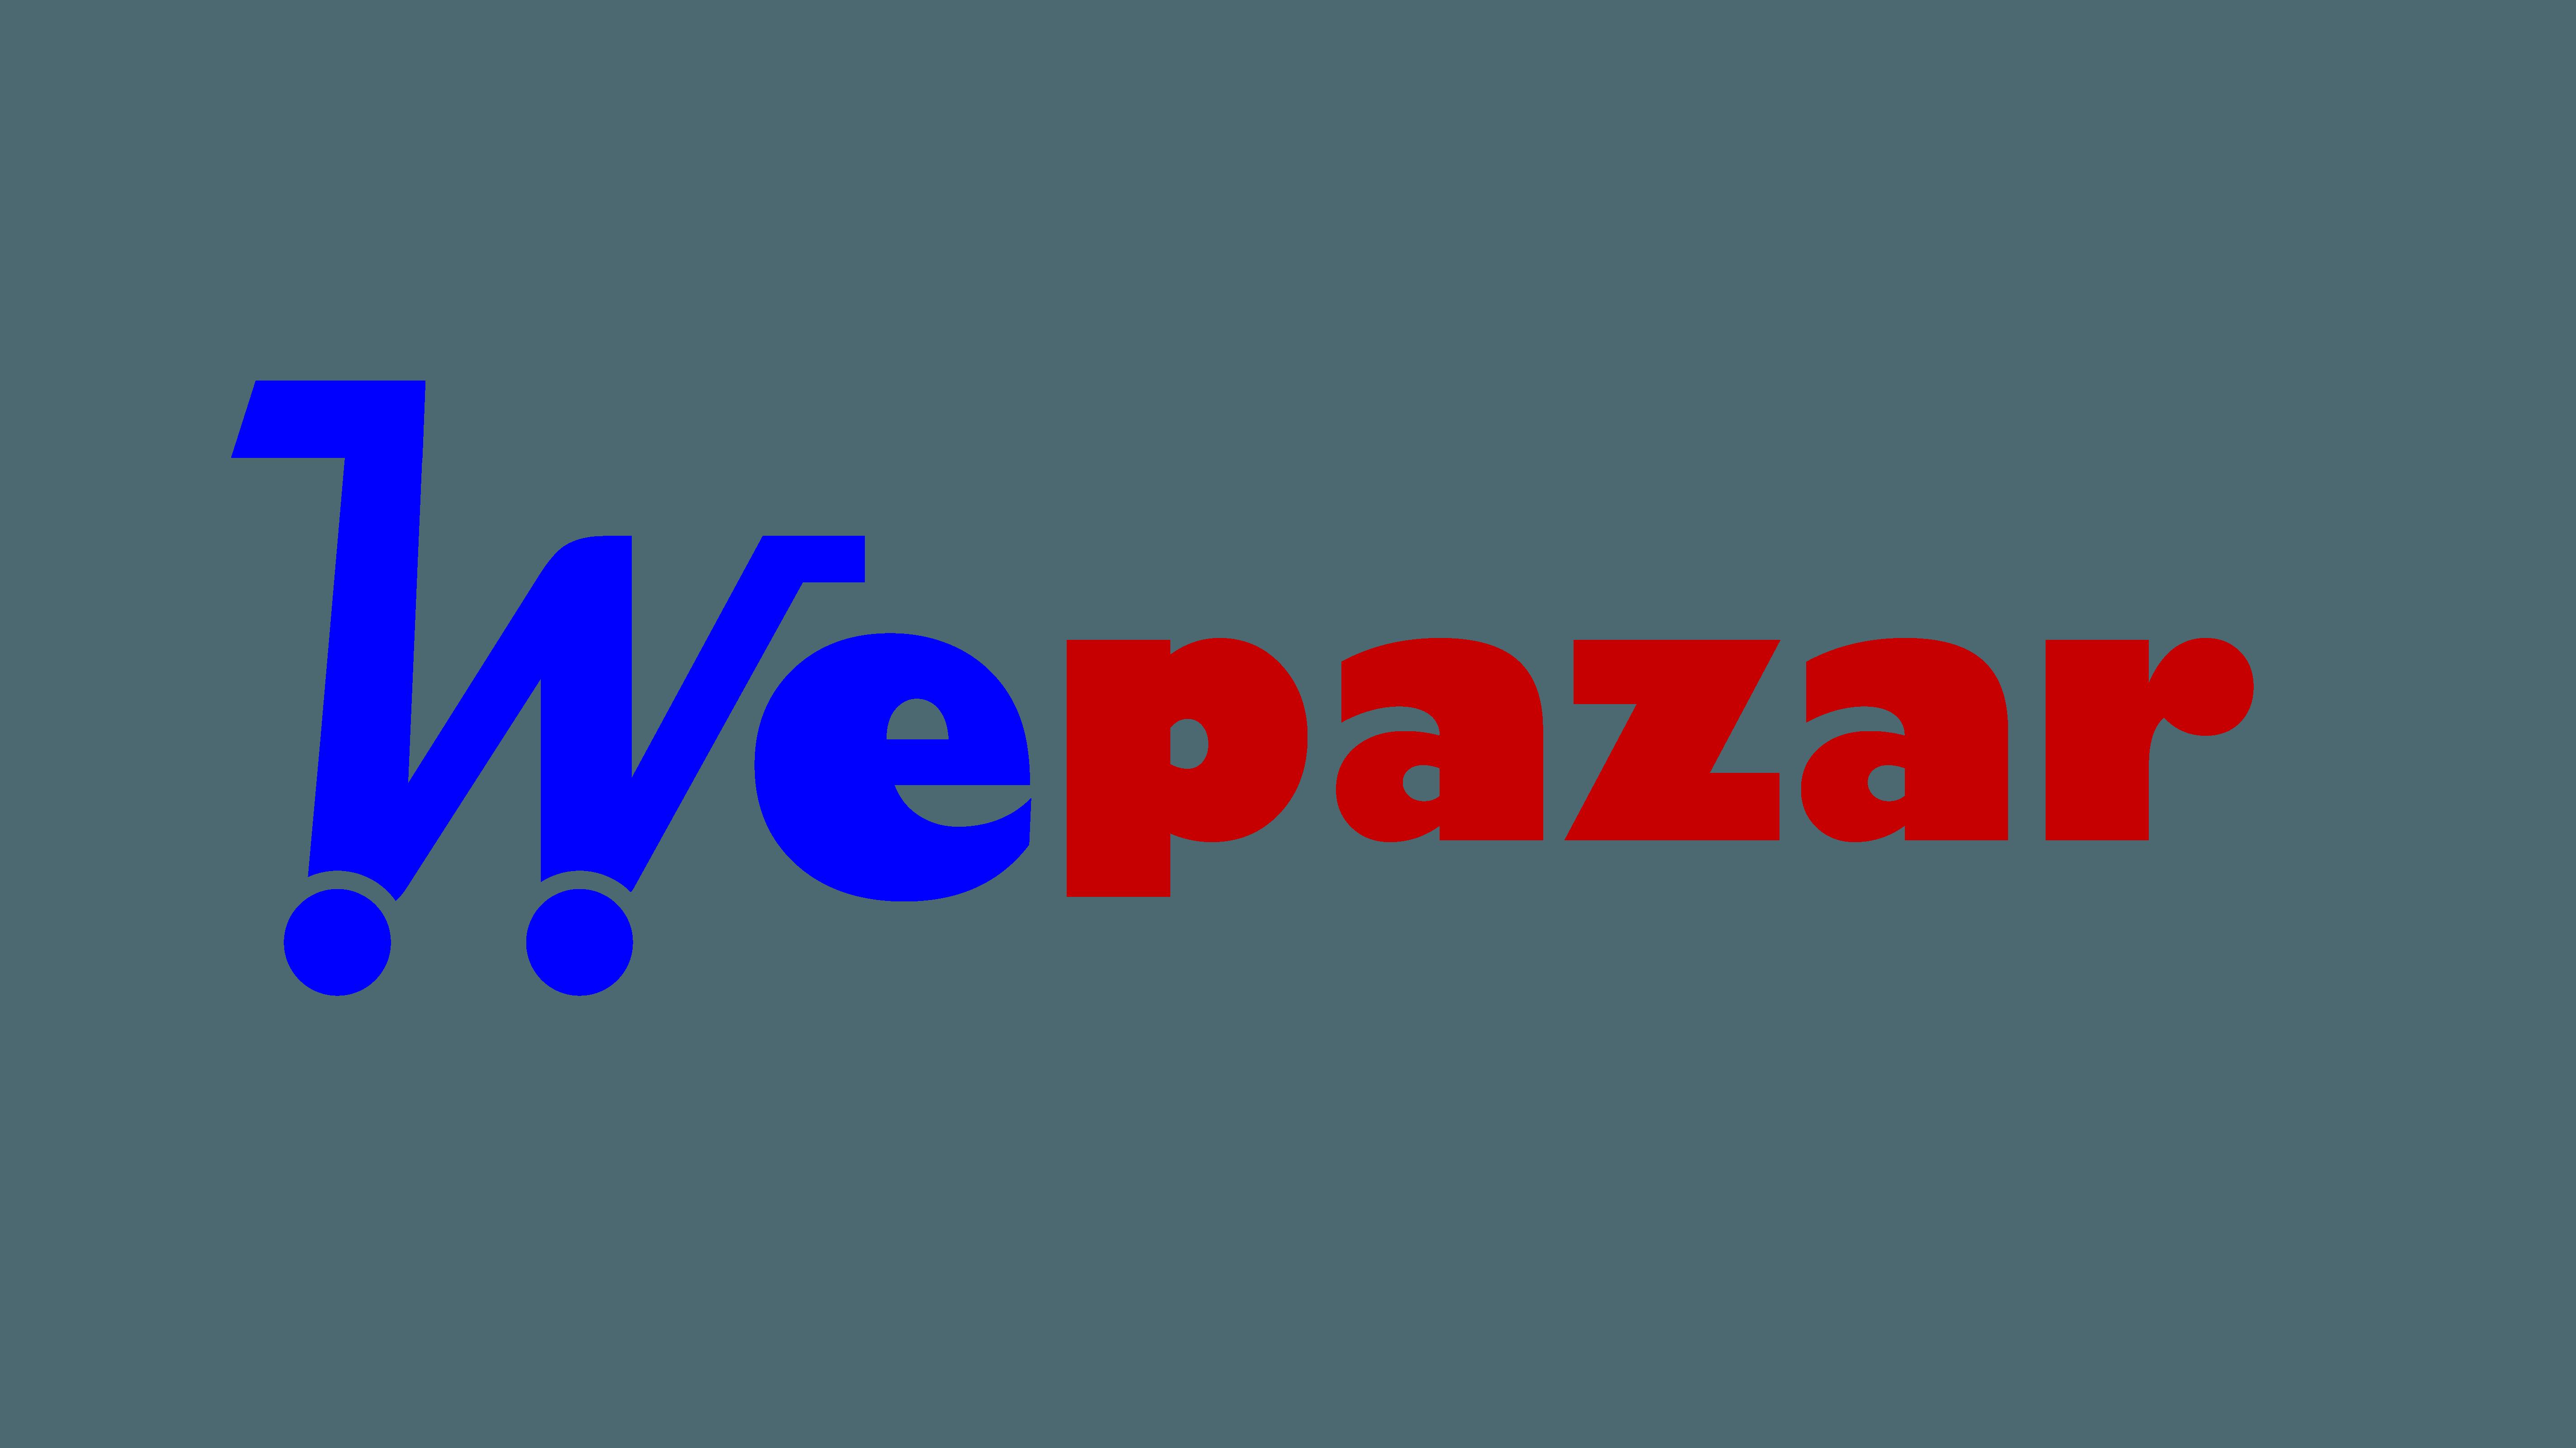 wepazar